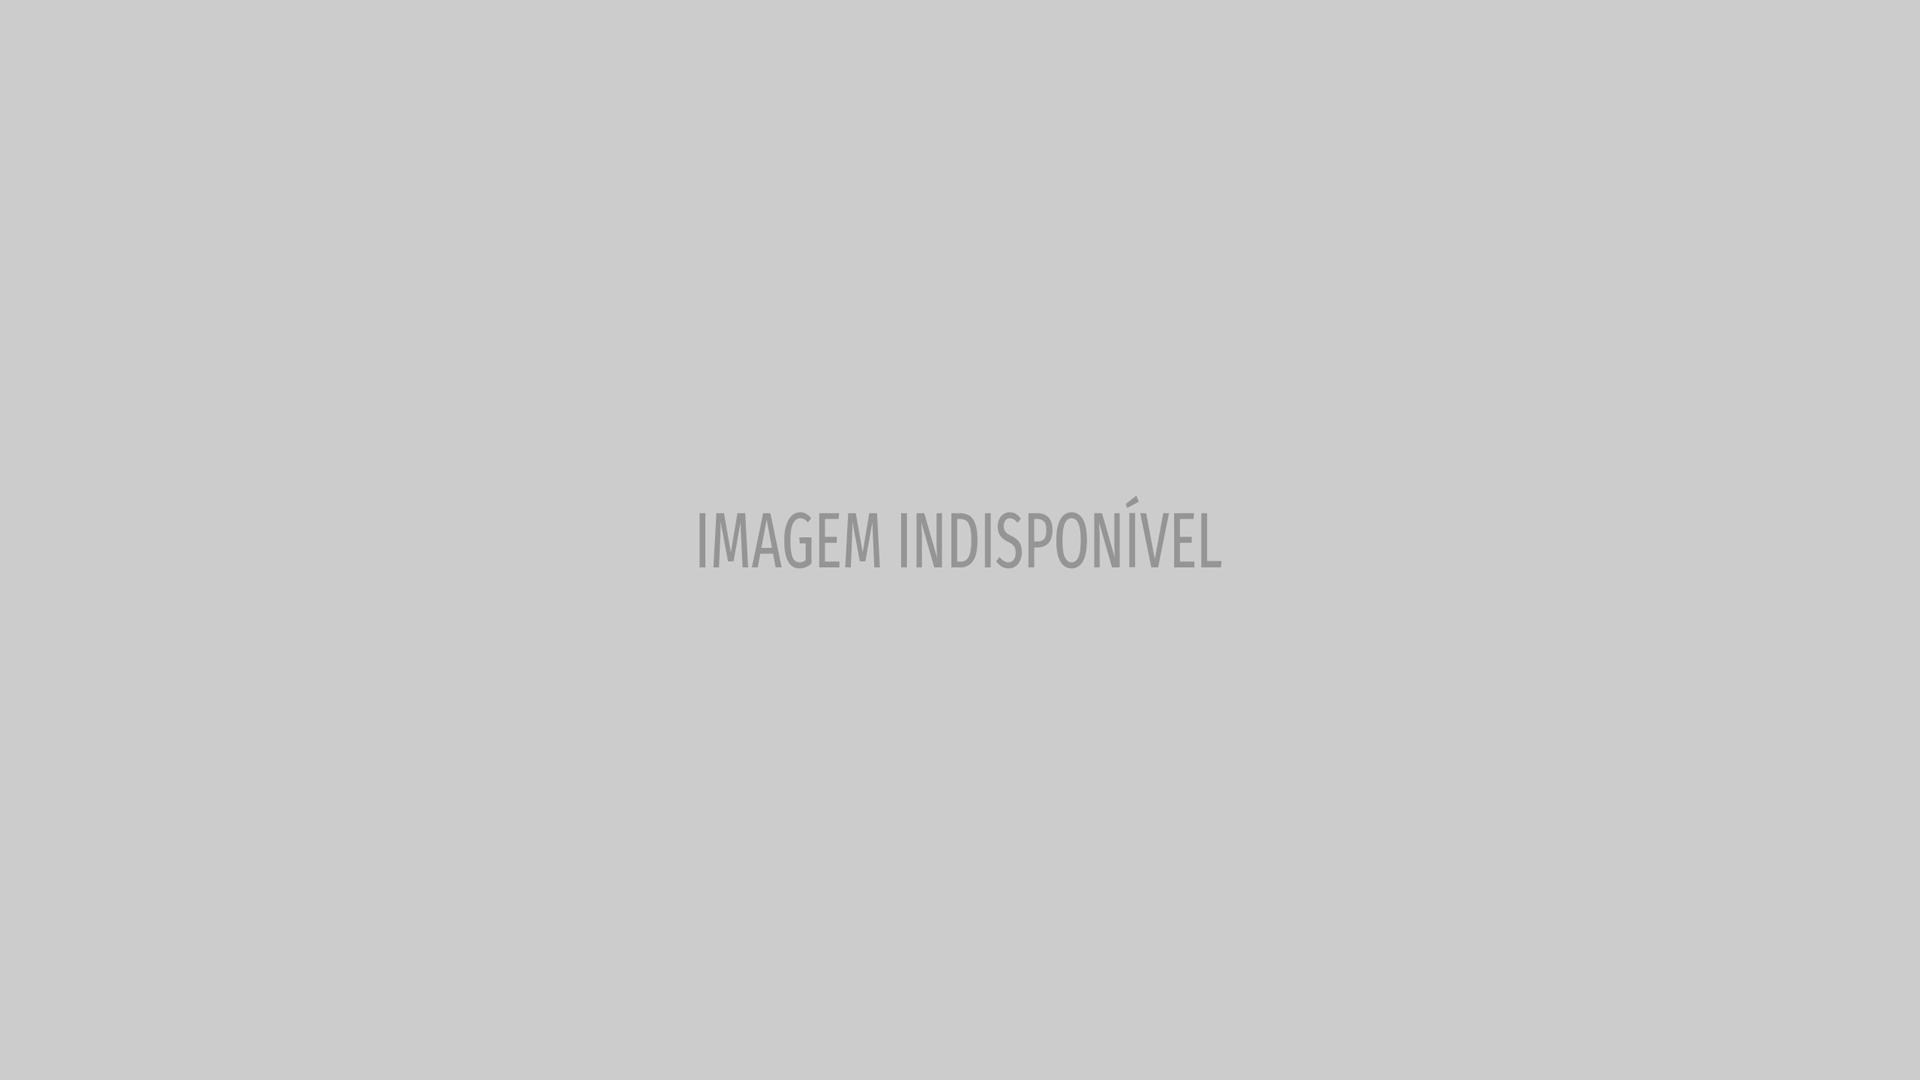 Relembre os maiores 'baphos' dos famosos em 2017